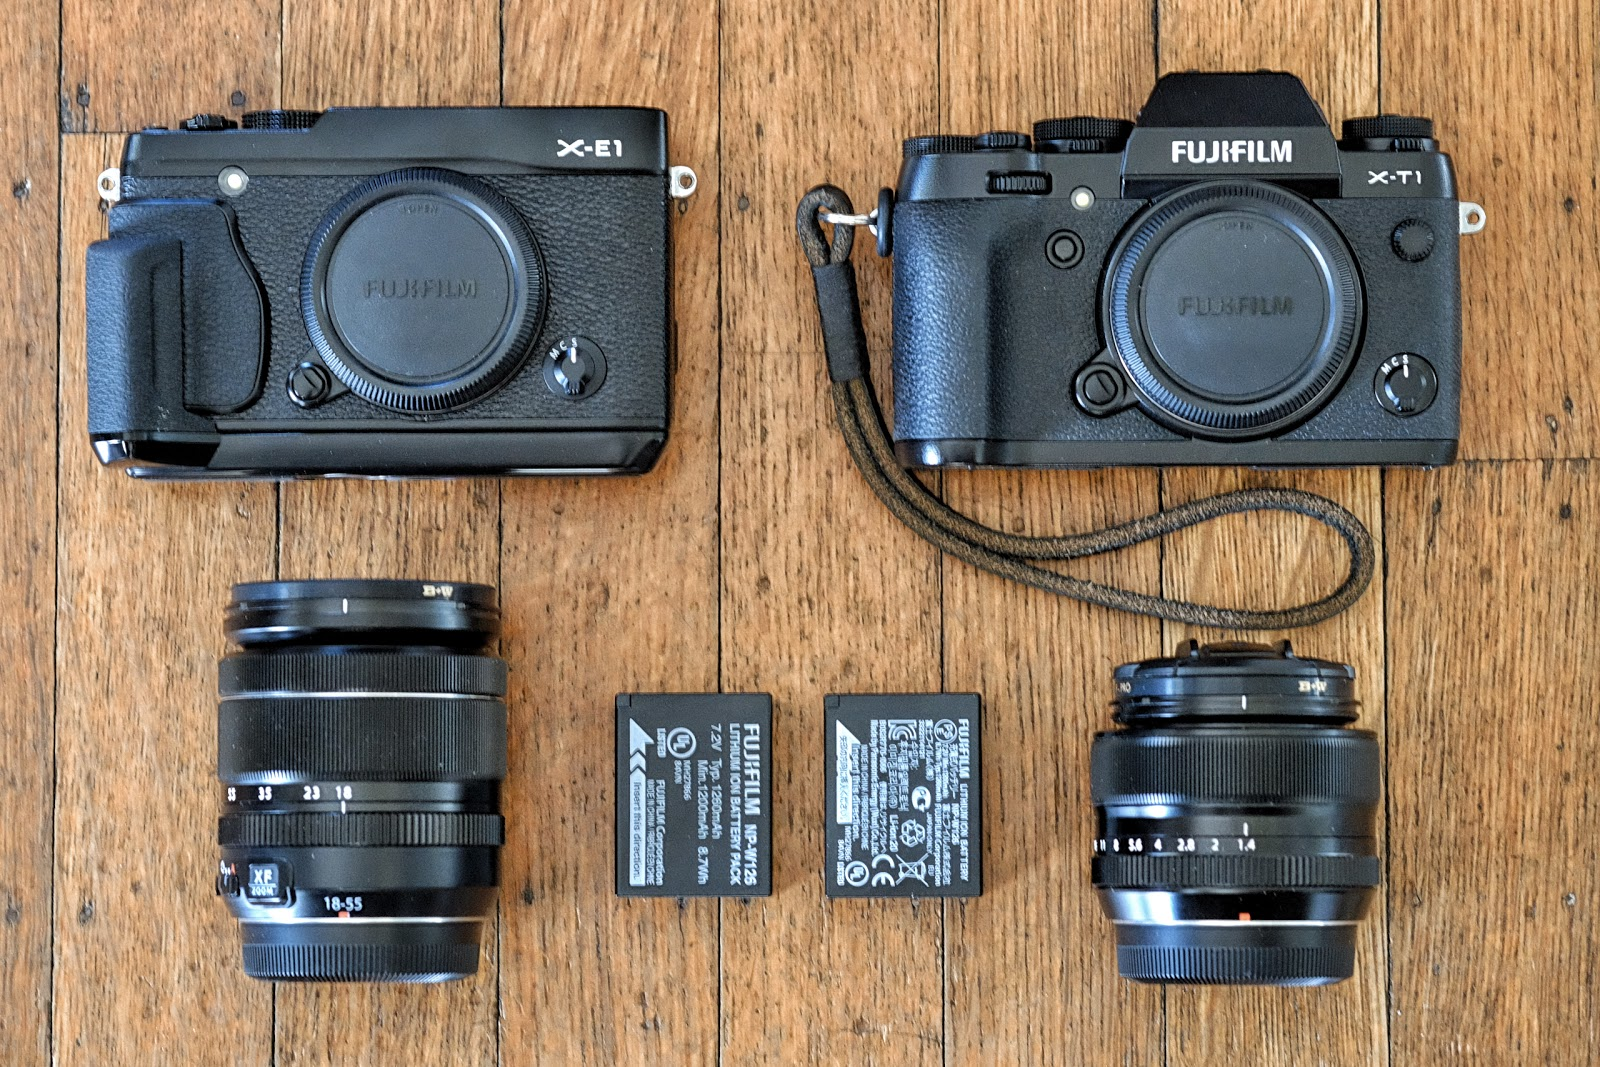 Fujifilm Travel Gear